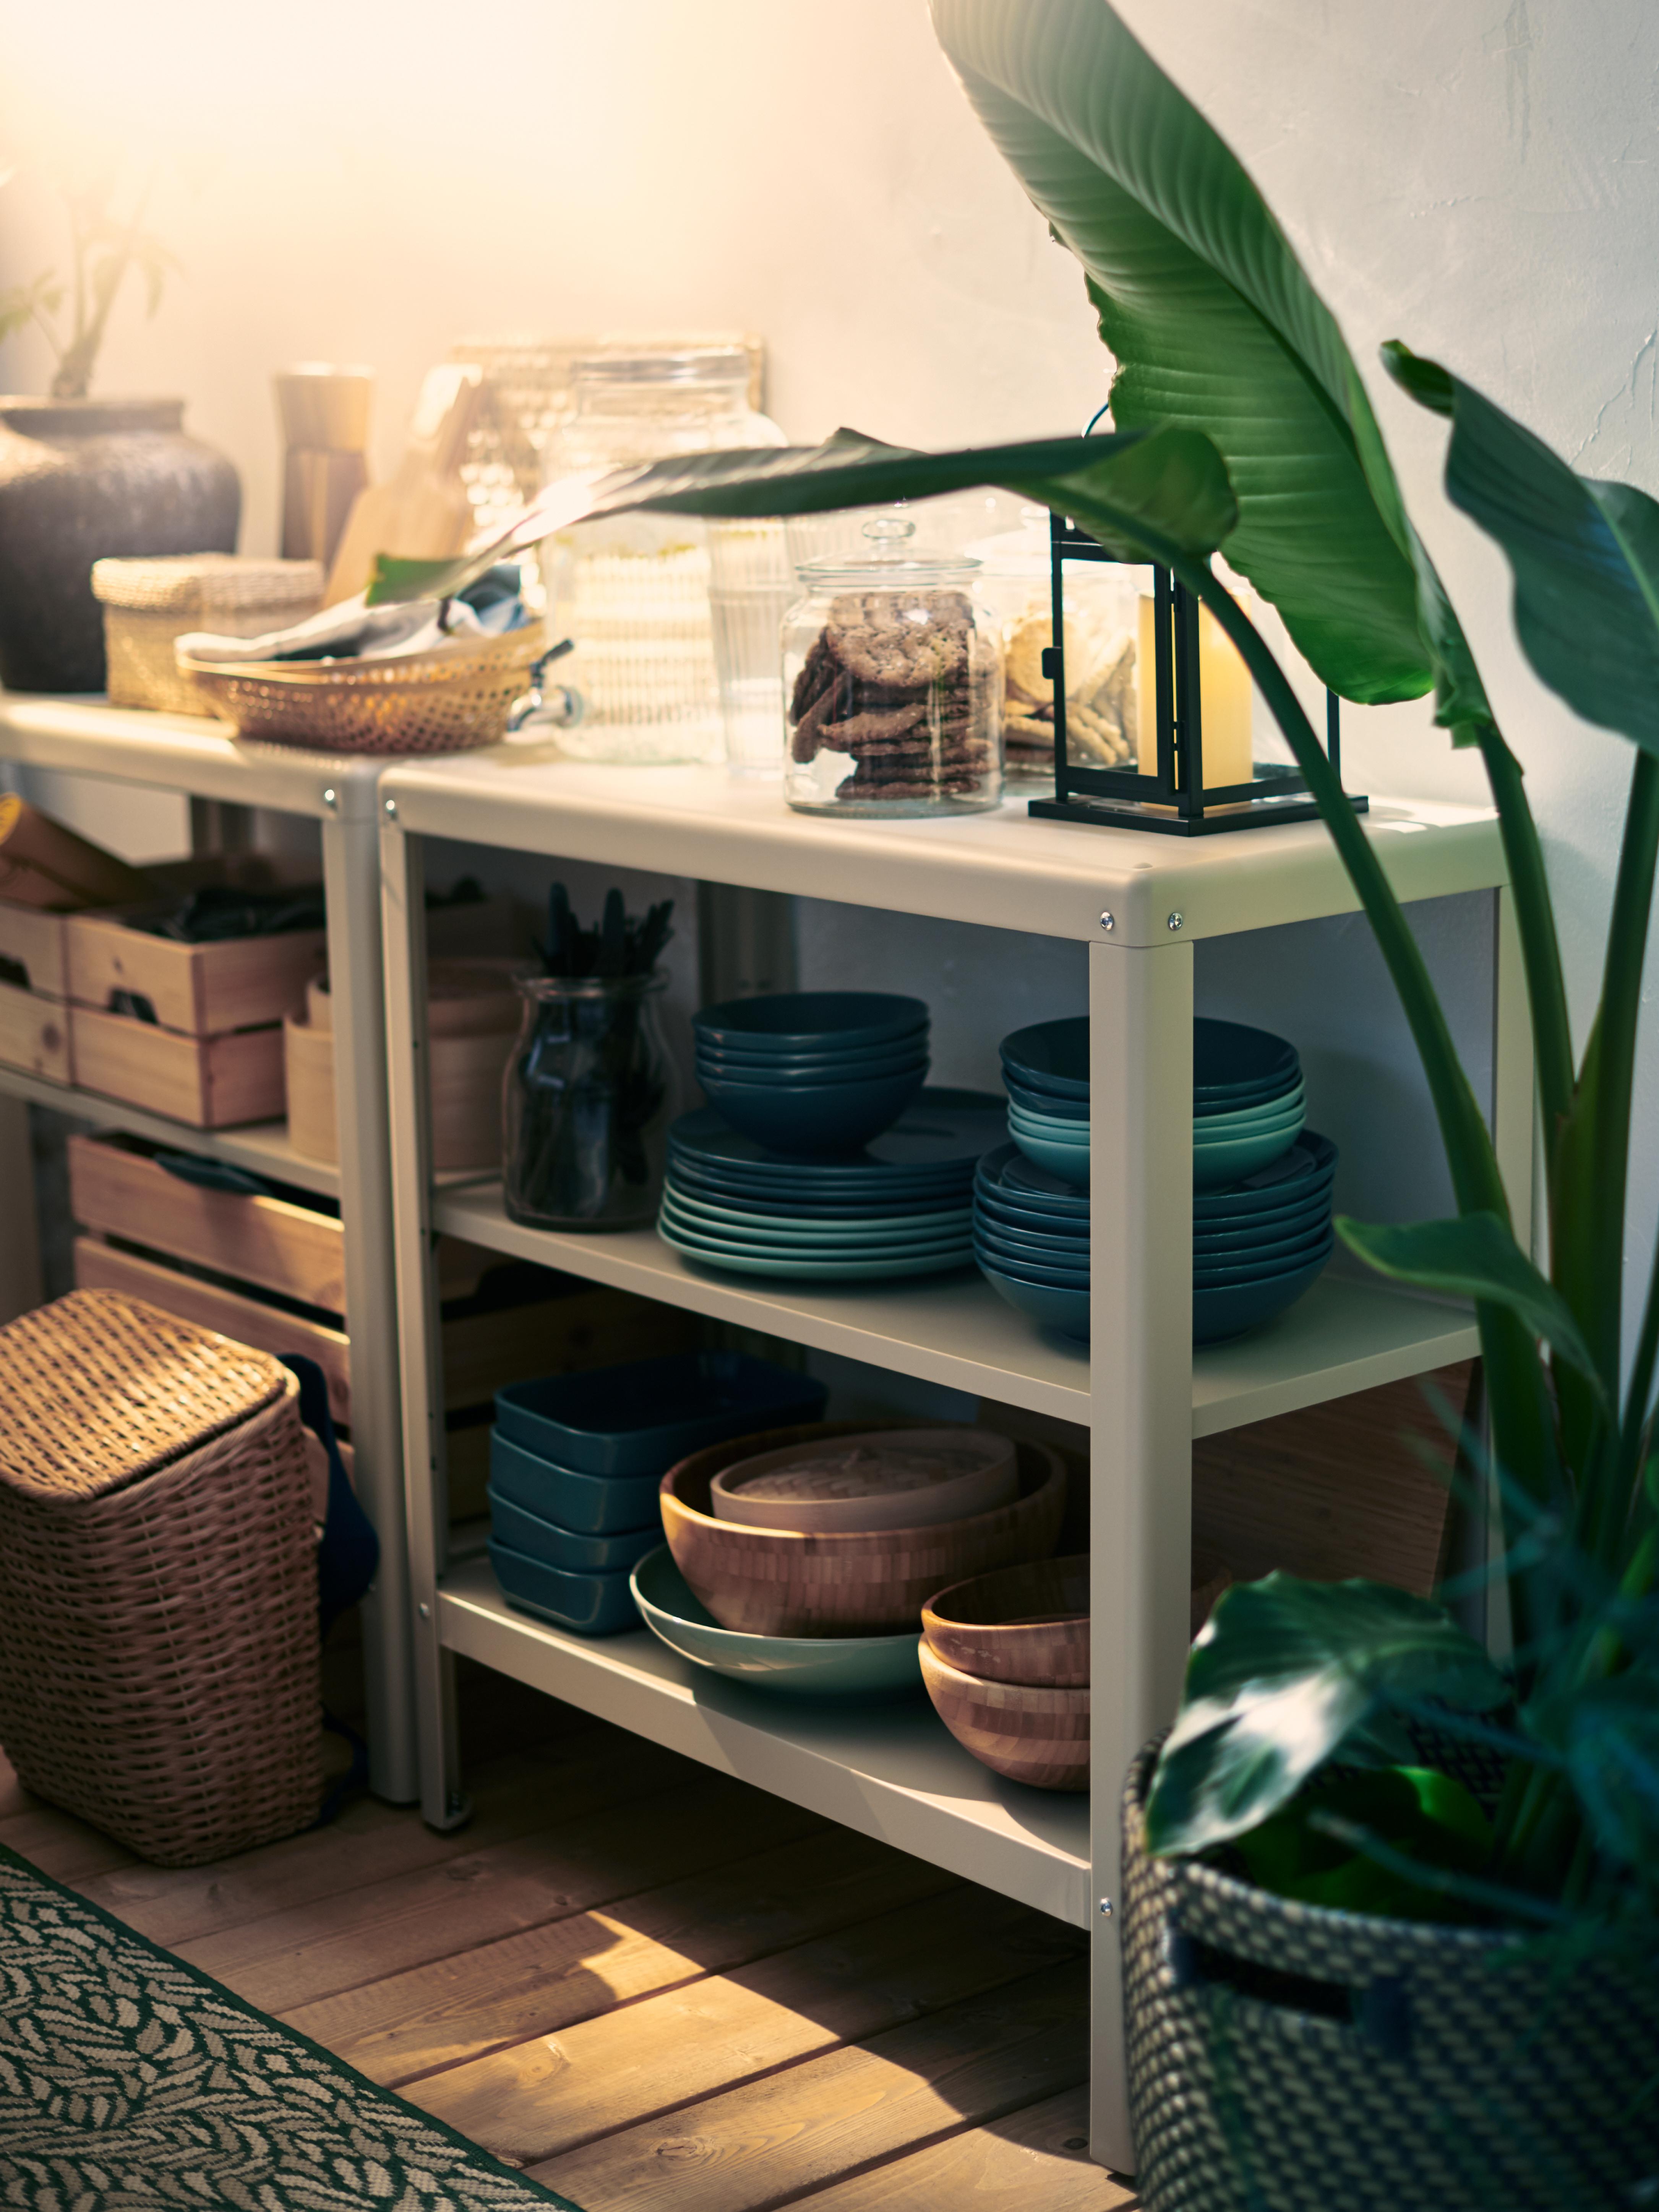 KOLBJÖRN vanjske police za odlaganje na trijemu opremljene su plavim posuđem i drugim priborom za kuhanje i jelo.